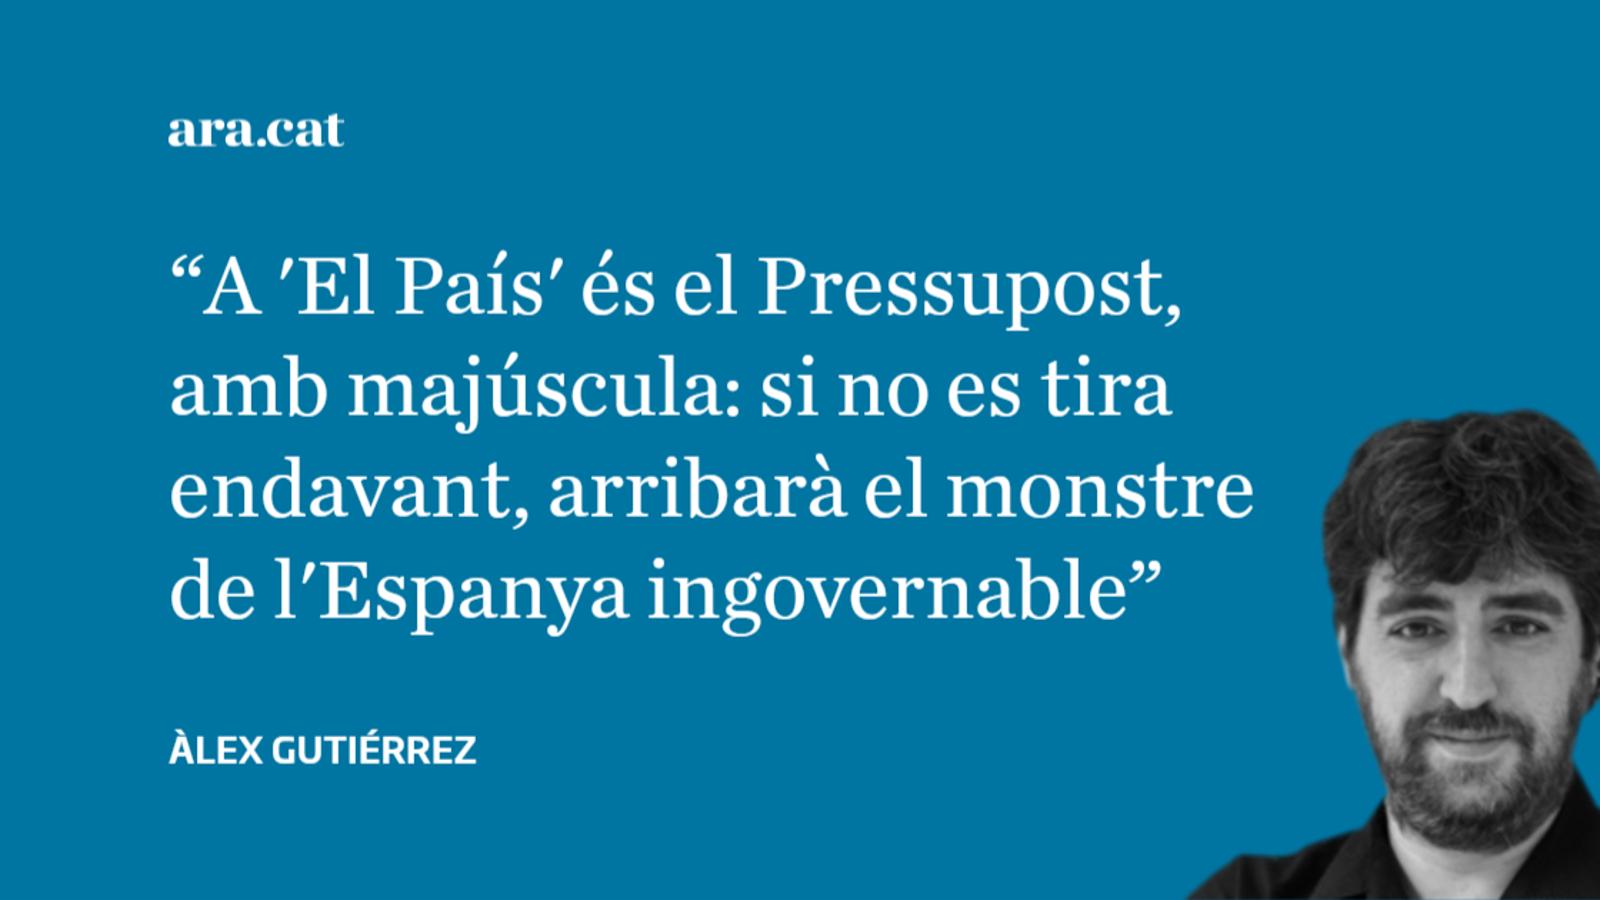 Pedro Sánchez: explorador o pirata?